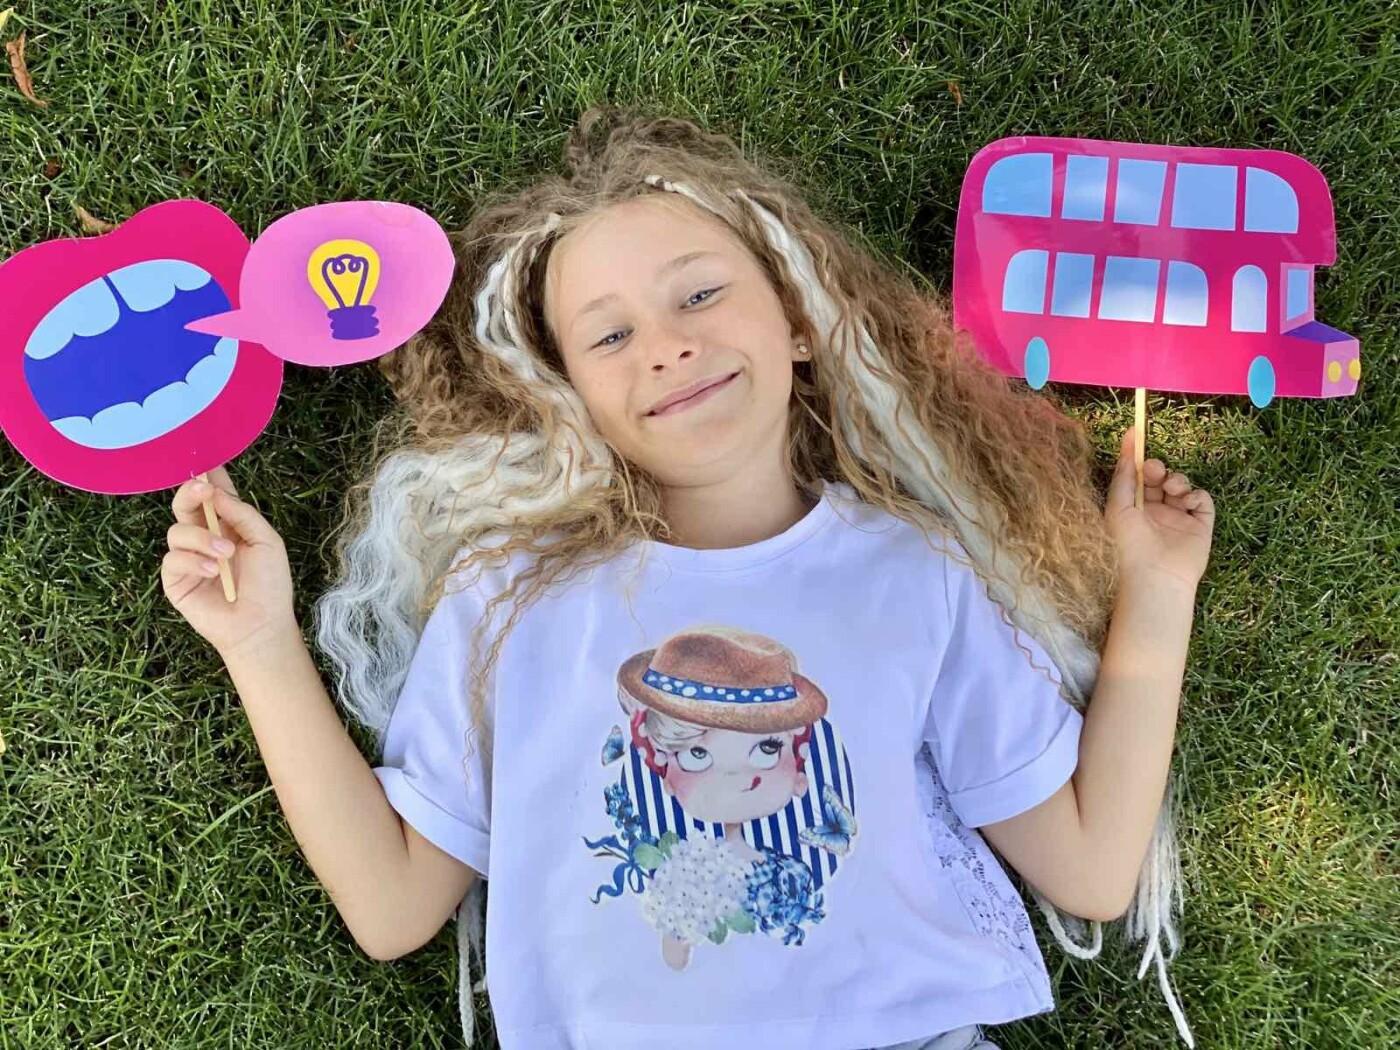 Незабываемые английские каникулы для детей 6-15 лет! (*Акция до 20 мая 2021 г.), фото-17